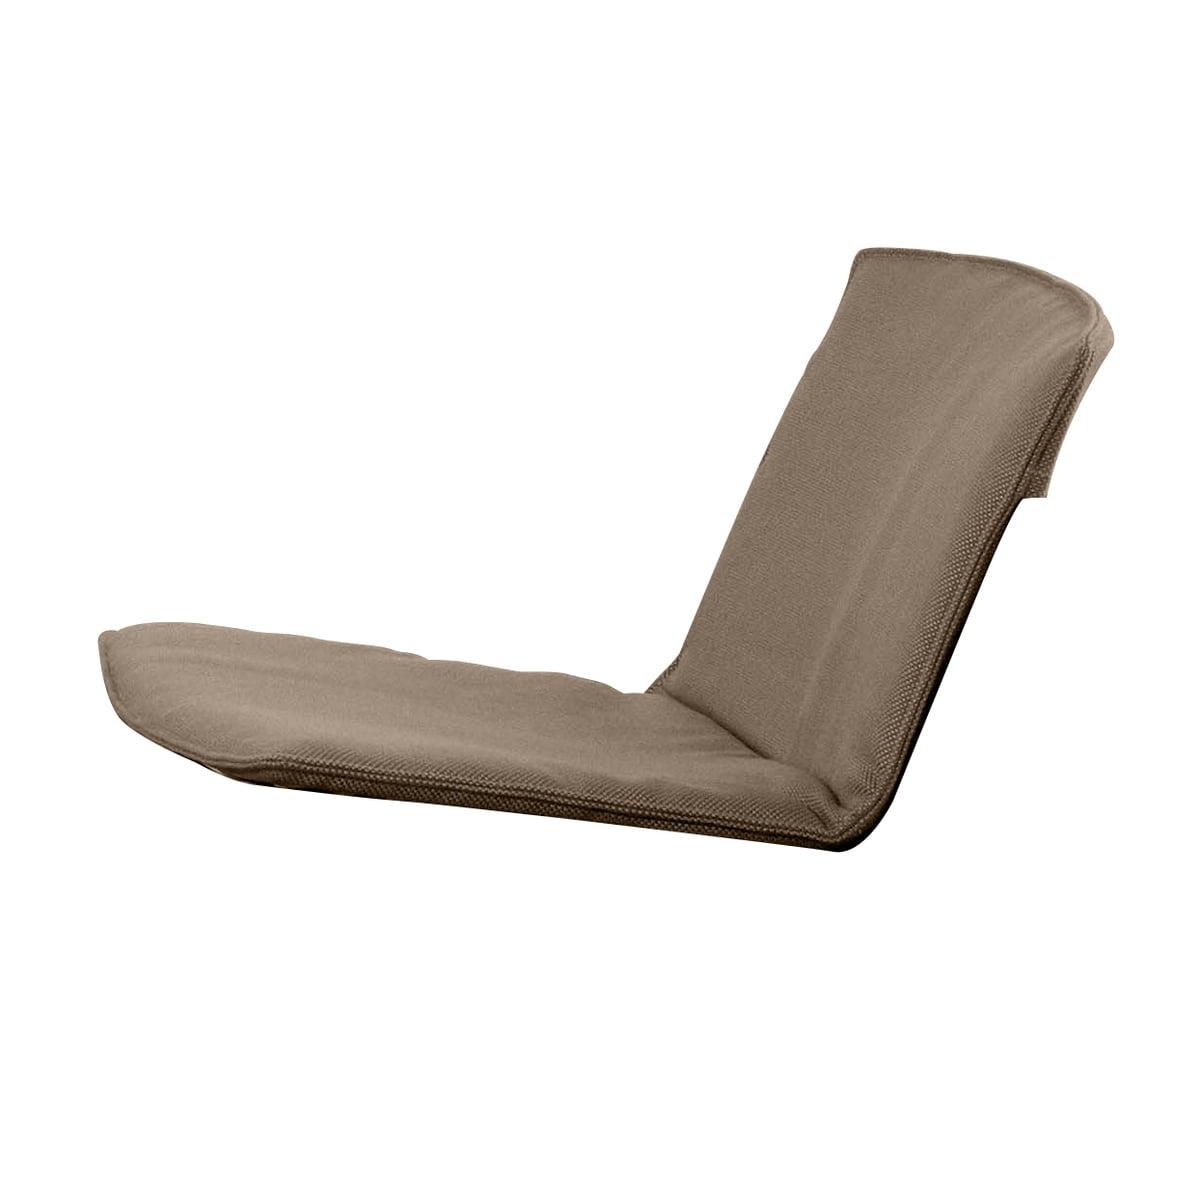 Fast spa Fast - Sitz- und Rückenkissen für Zebra Loungesessel, haselnussbraun | Wohnzimmer > Sessel > Loungesessel | Braun | Fast spa